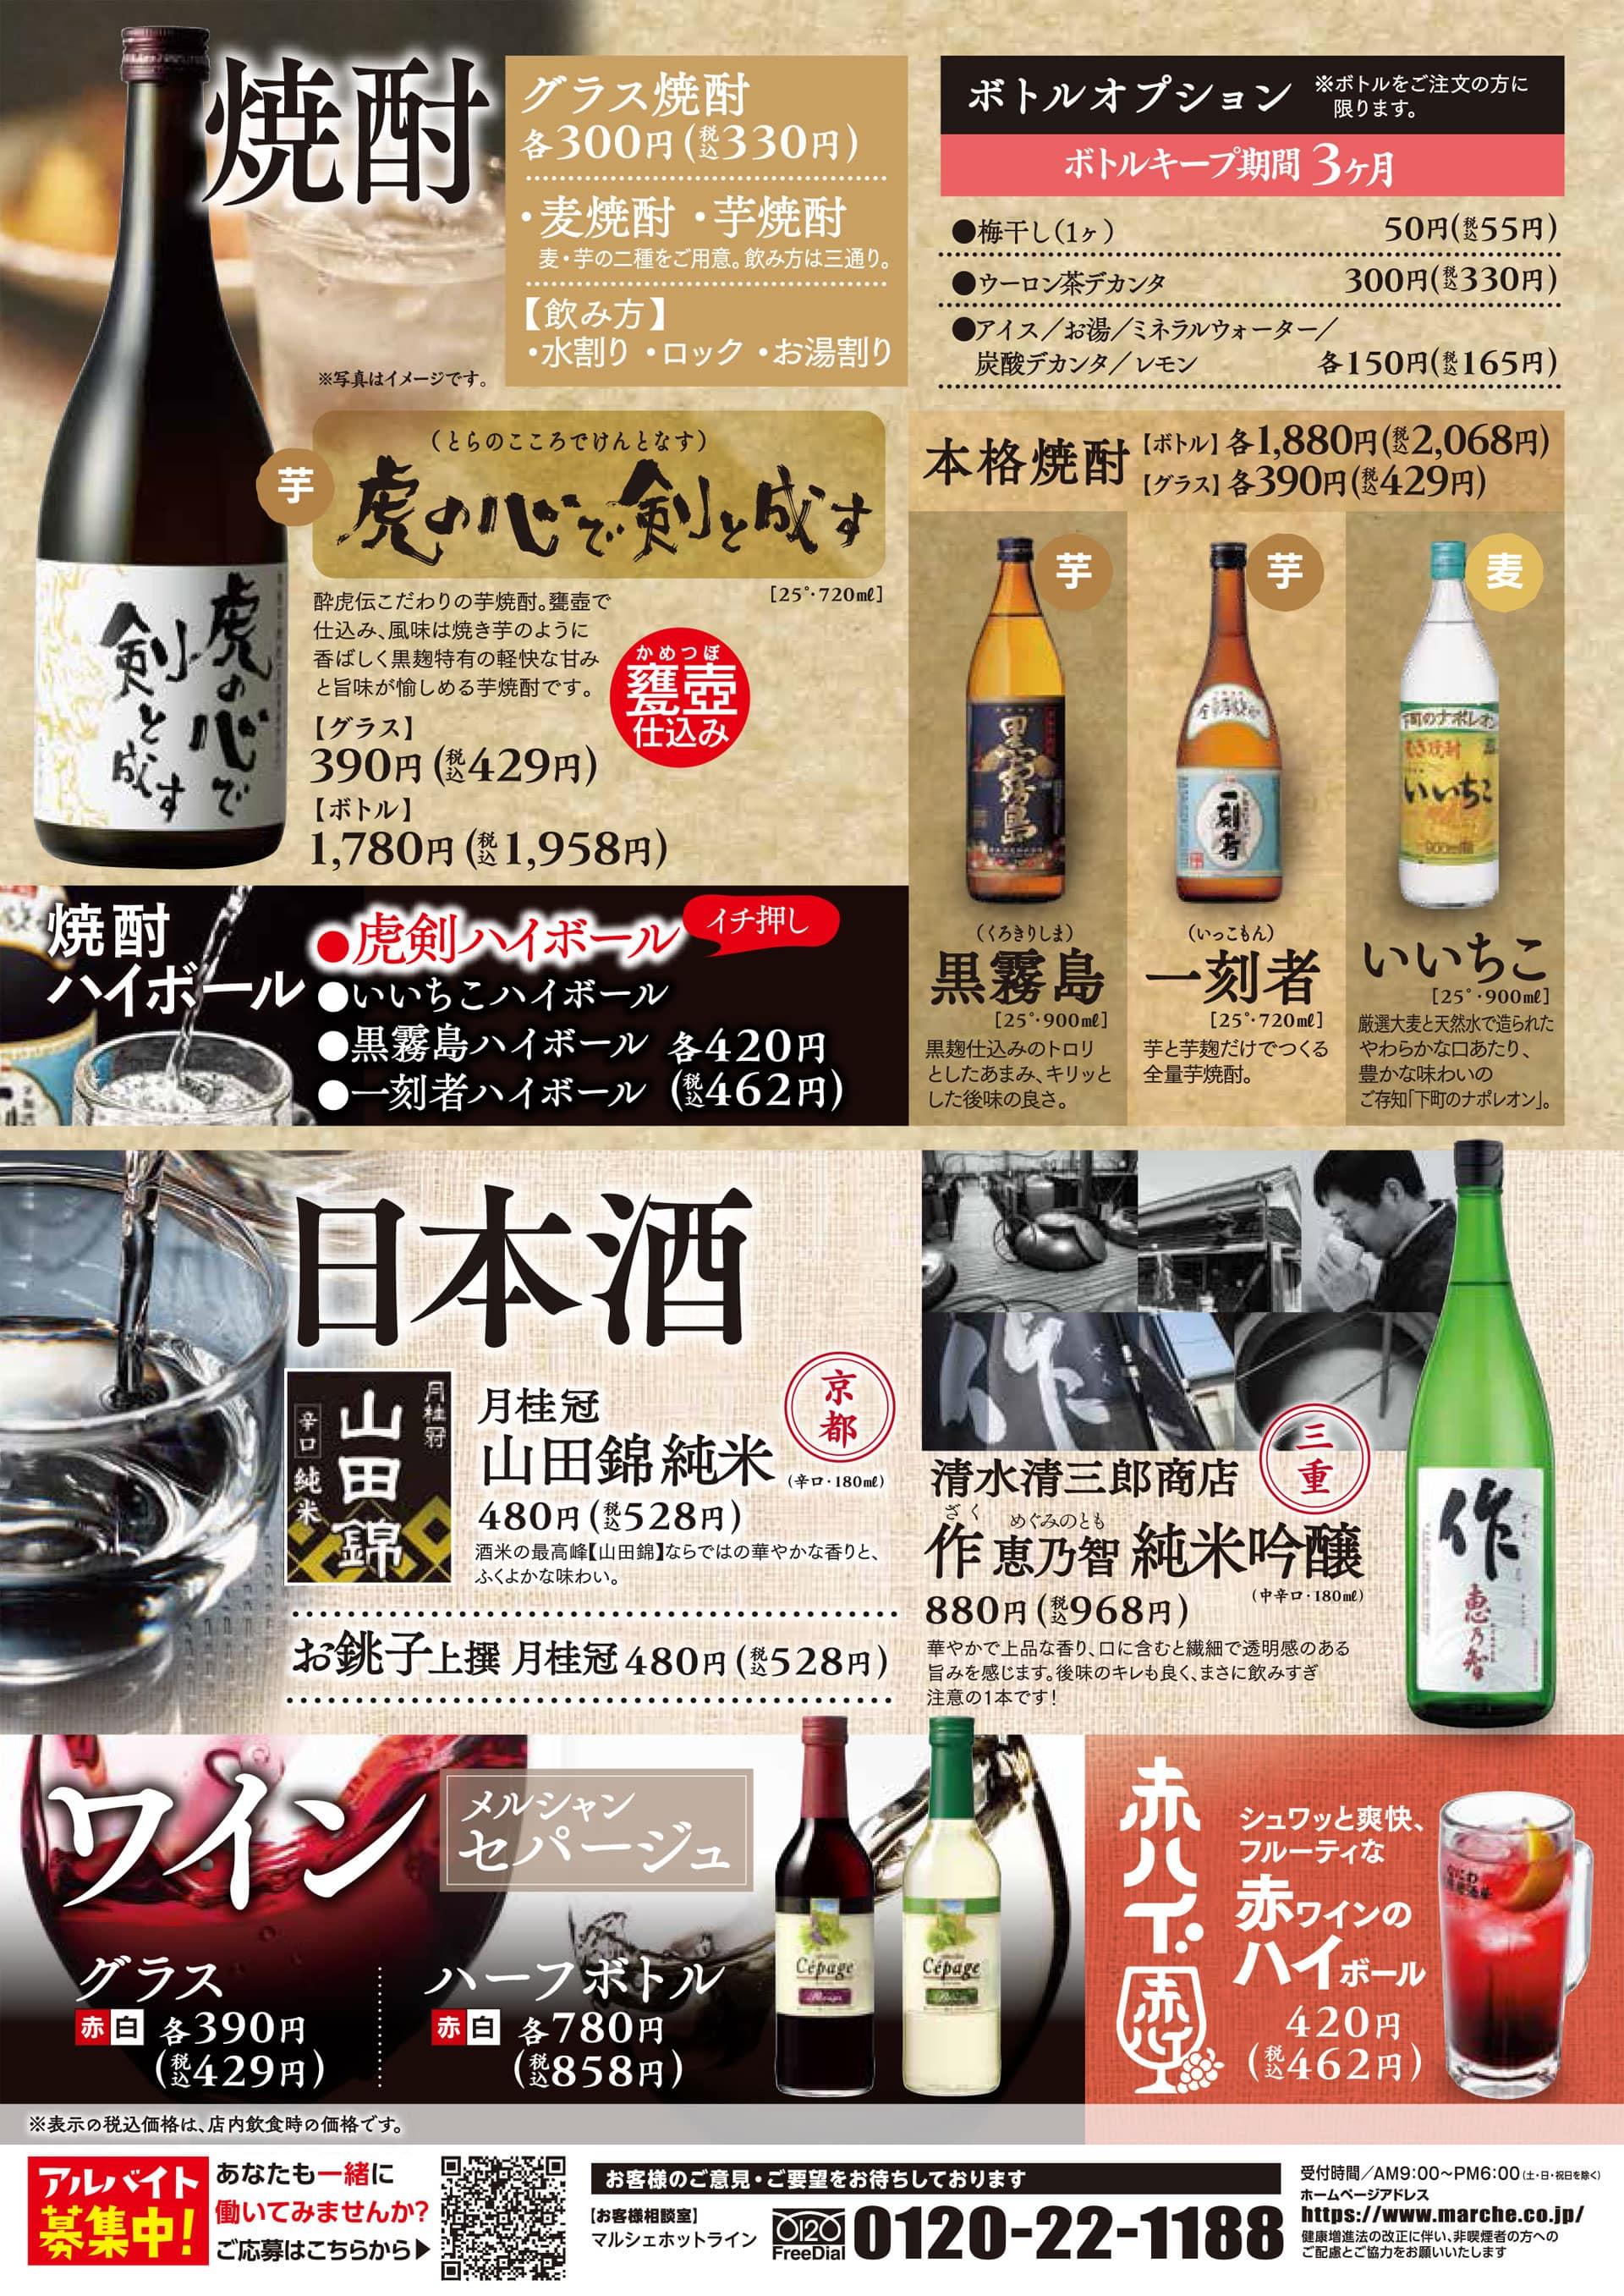 酔虎伝 焼酎・日本酒・ワイン